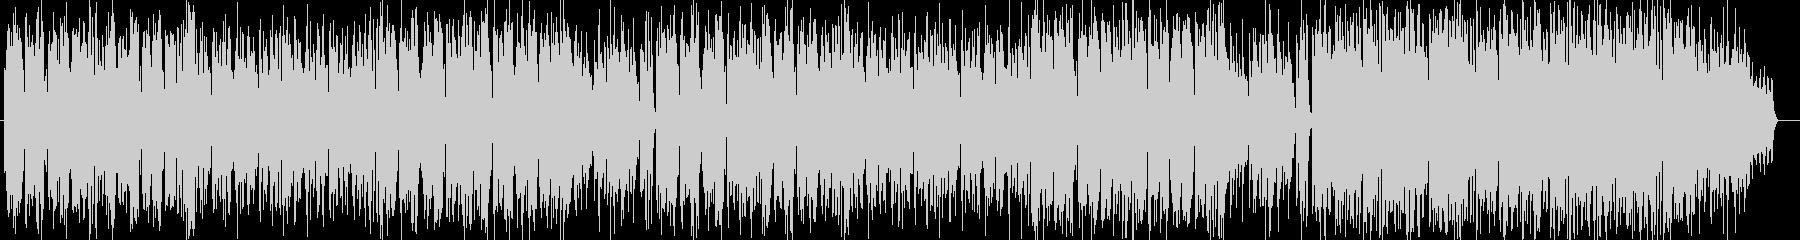 ボサノヴァ風シンセサイザー曲の未再生の波形